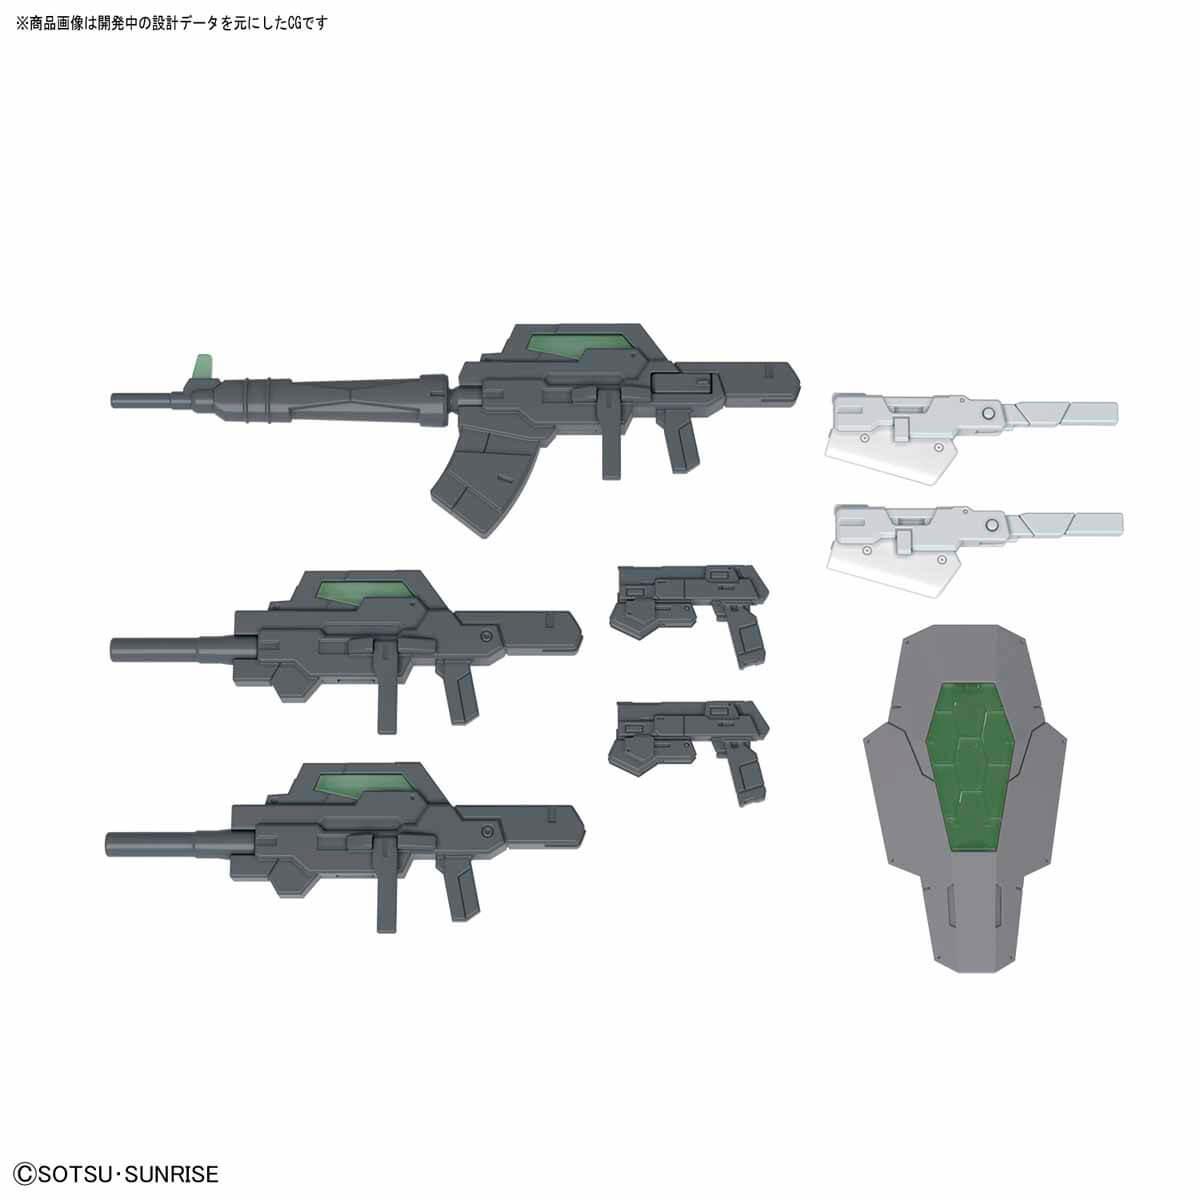 HGBF 1/144 Gundam Cherudim SAGA Type GBF – Anúncio